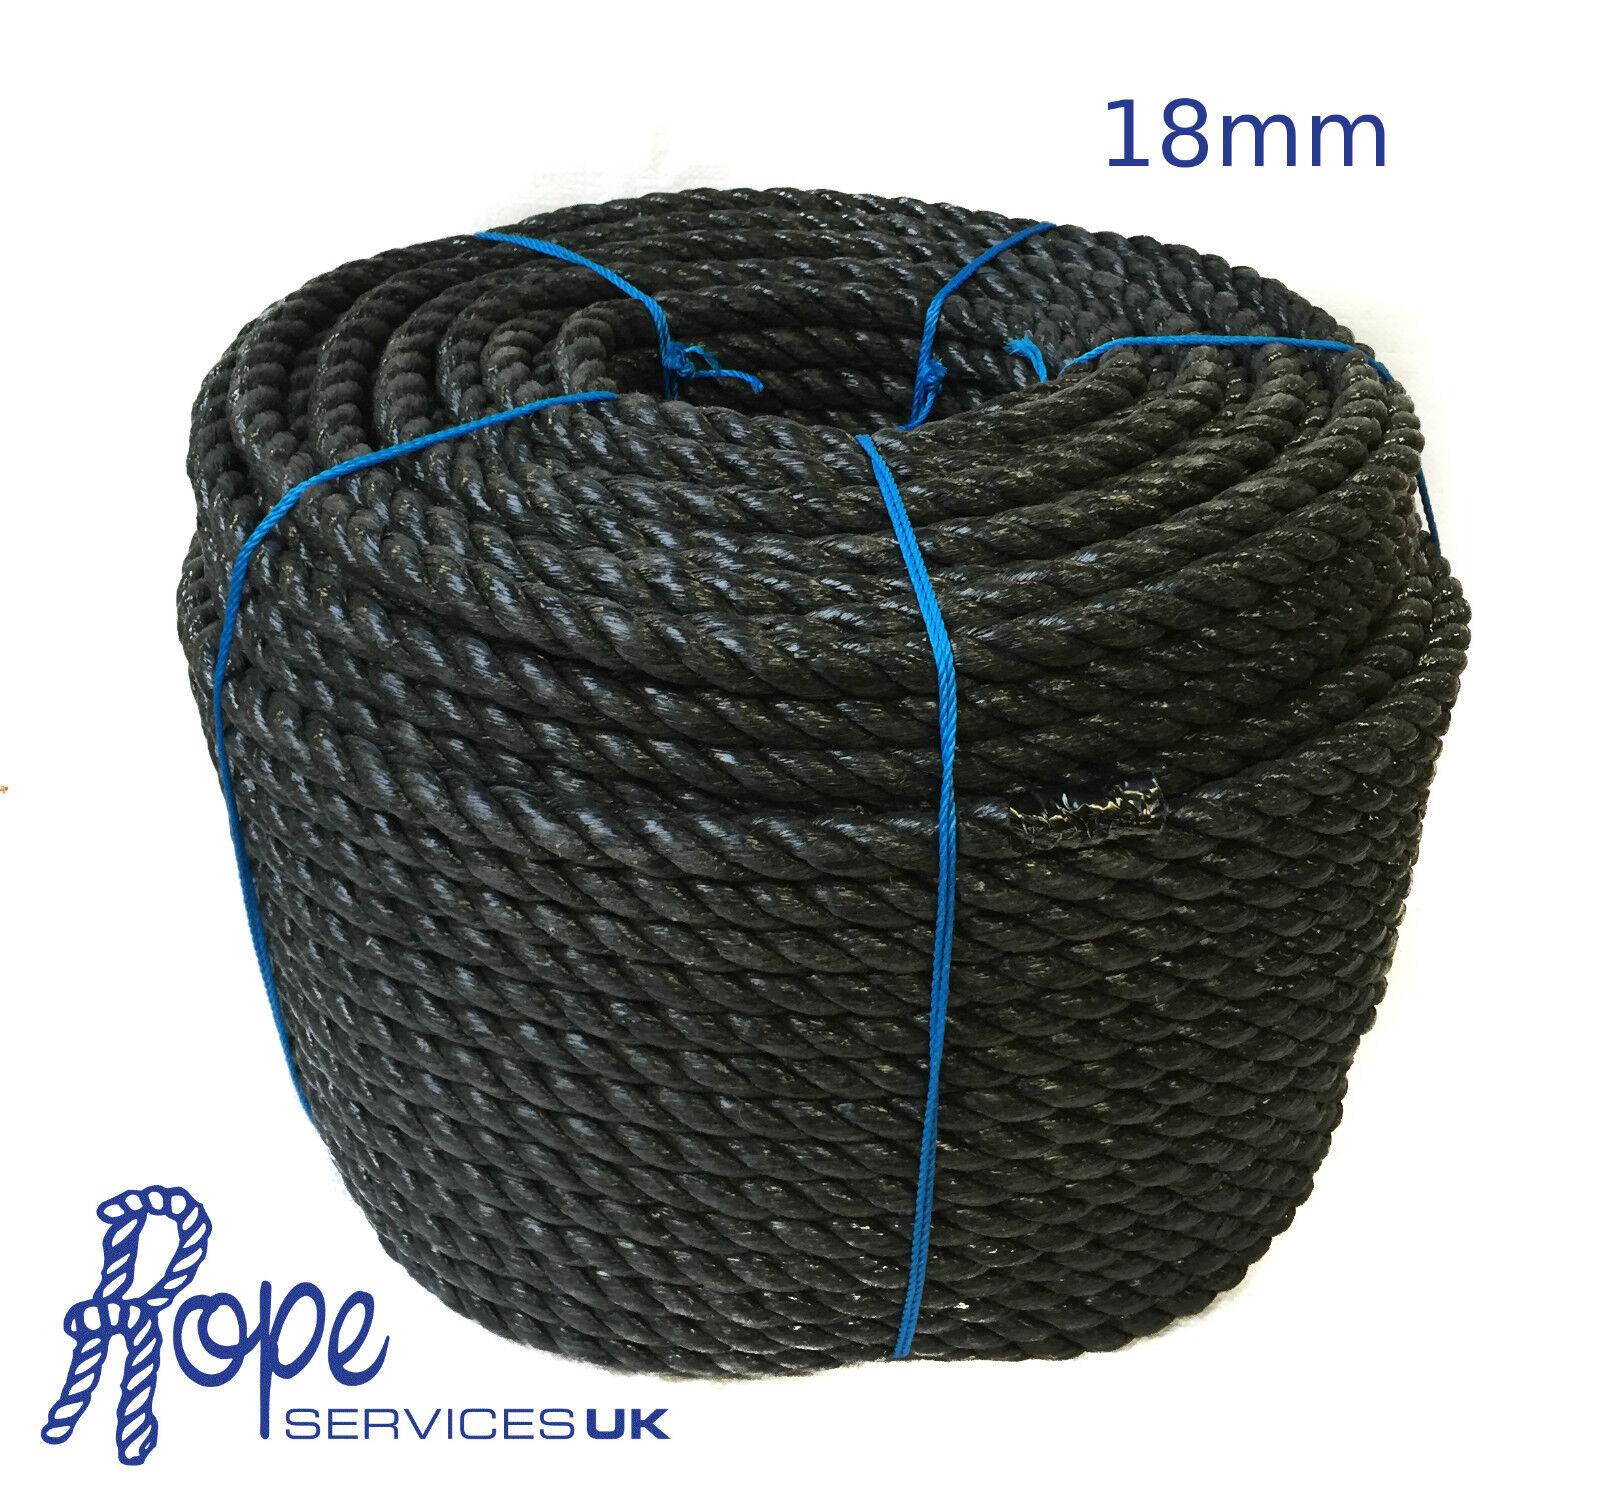 Schwarz Poly-Seil Rollen,Poly Seil, Polypropylen, Camping, Planen, 18mm x 45 M